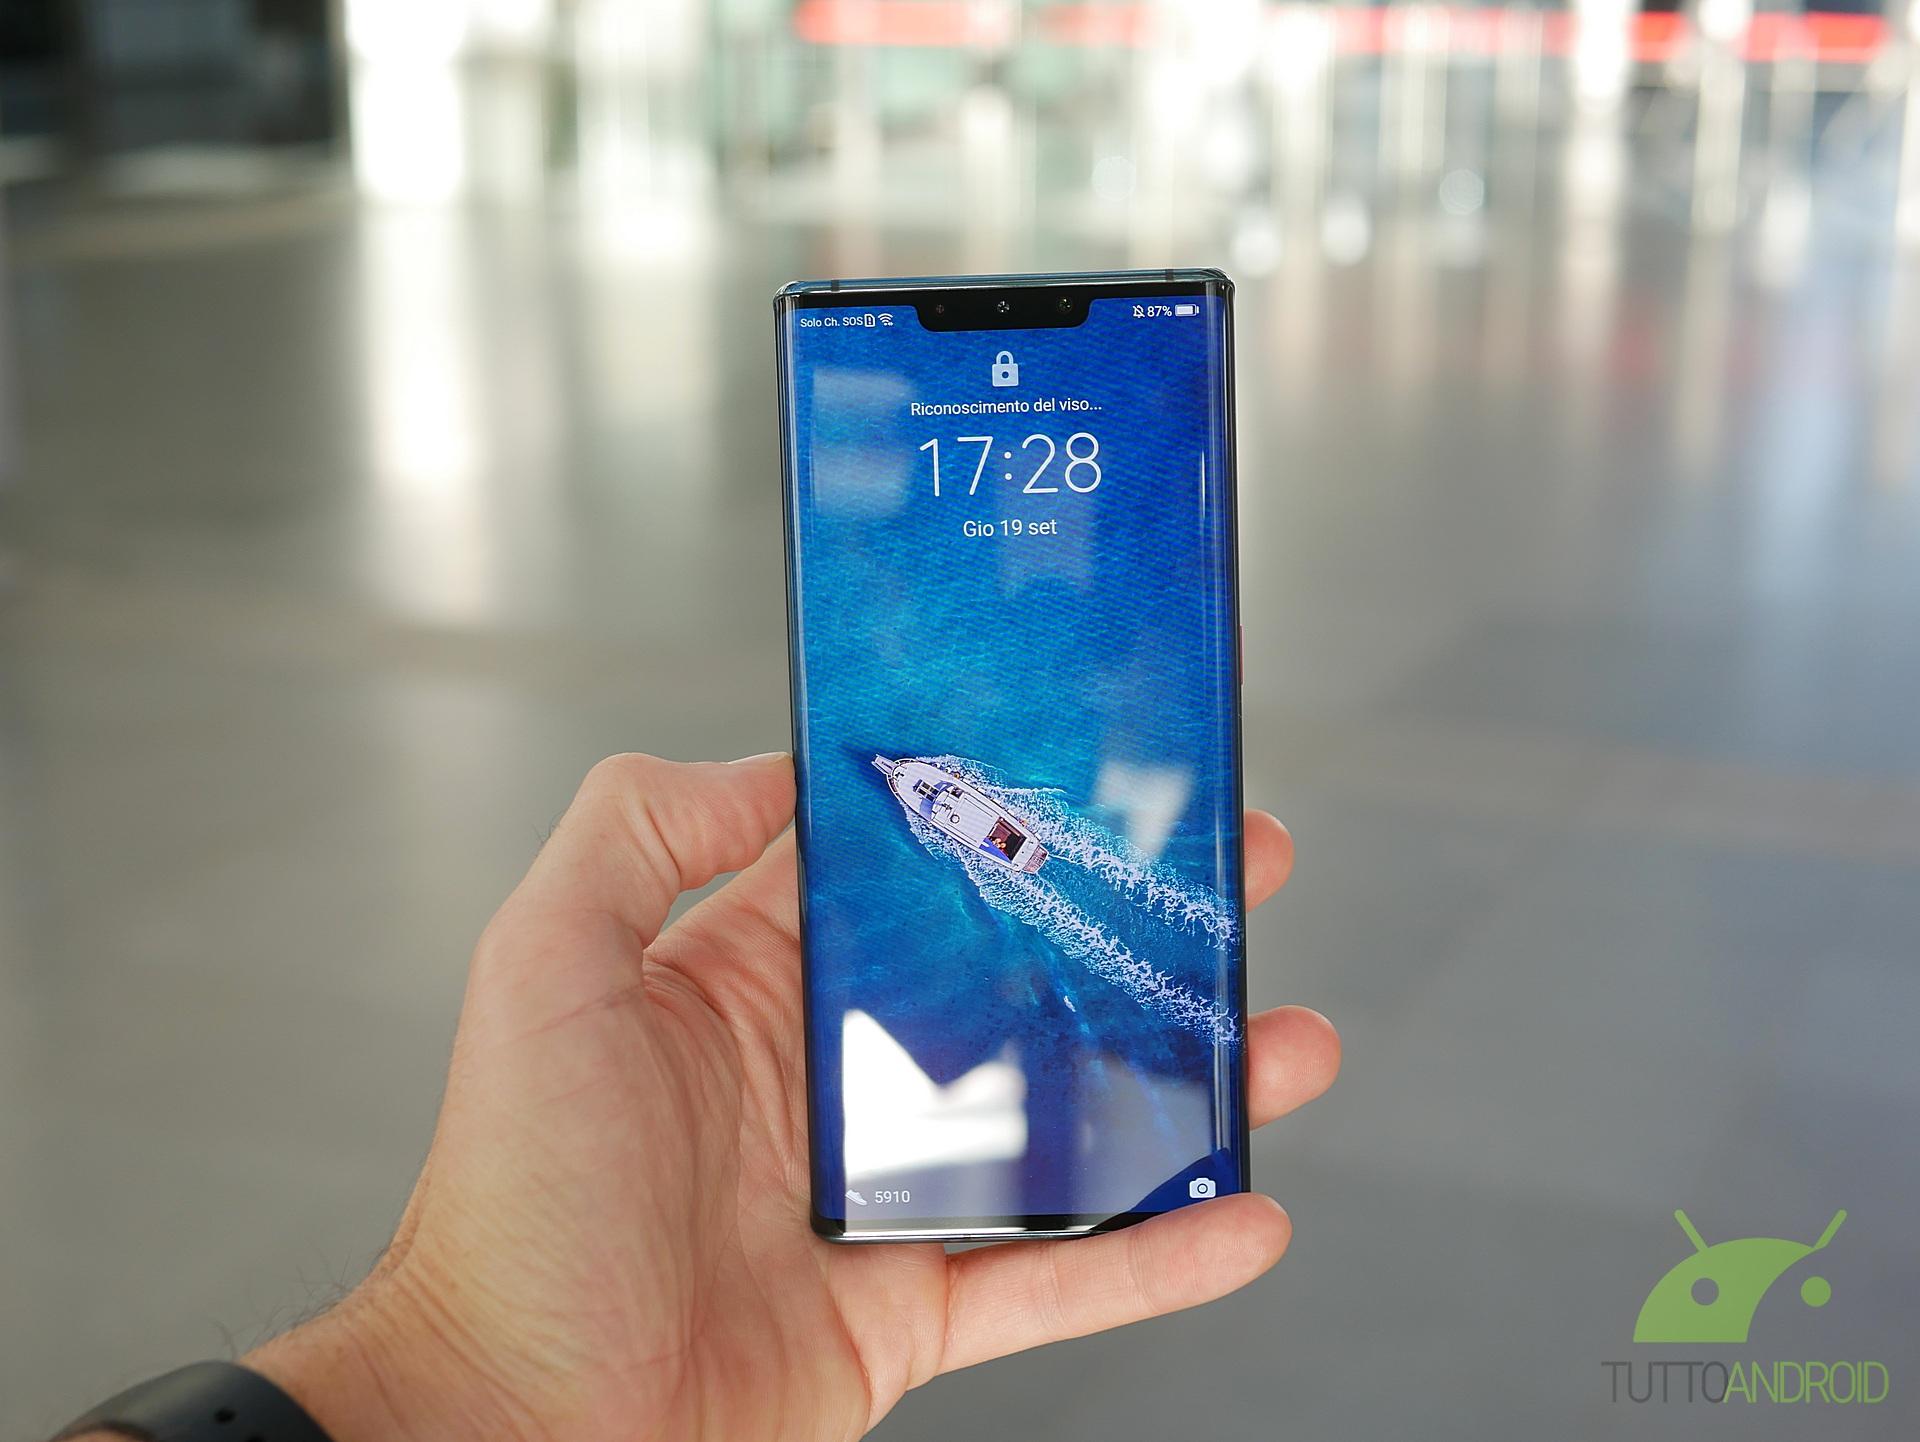 Huawei conferma che Android è importante, ma punta su altro